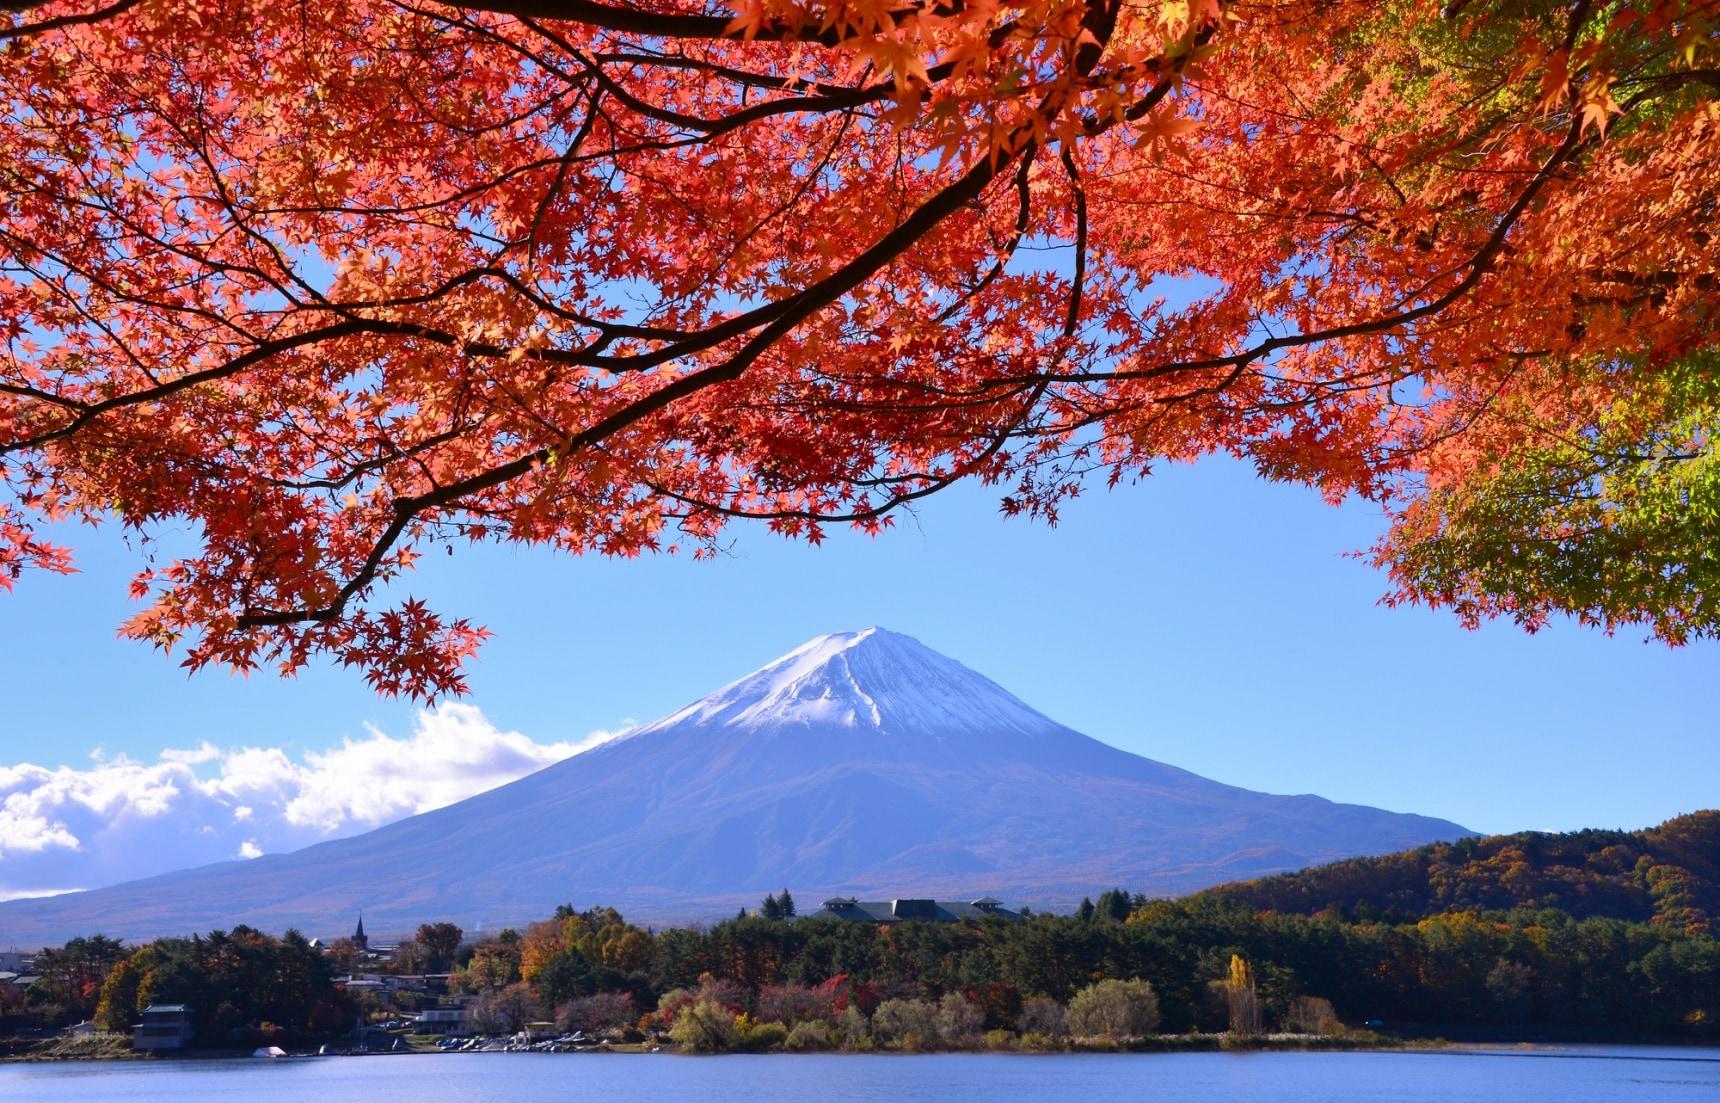 20 จุดชมใบไม้แดงสำหรับคนไปญี่ปุ่นเดือน 11